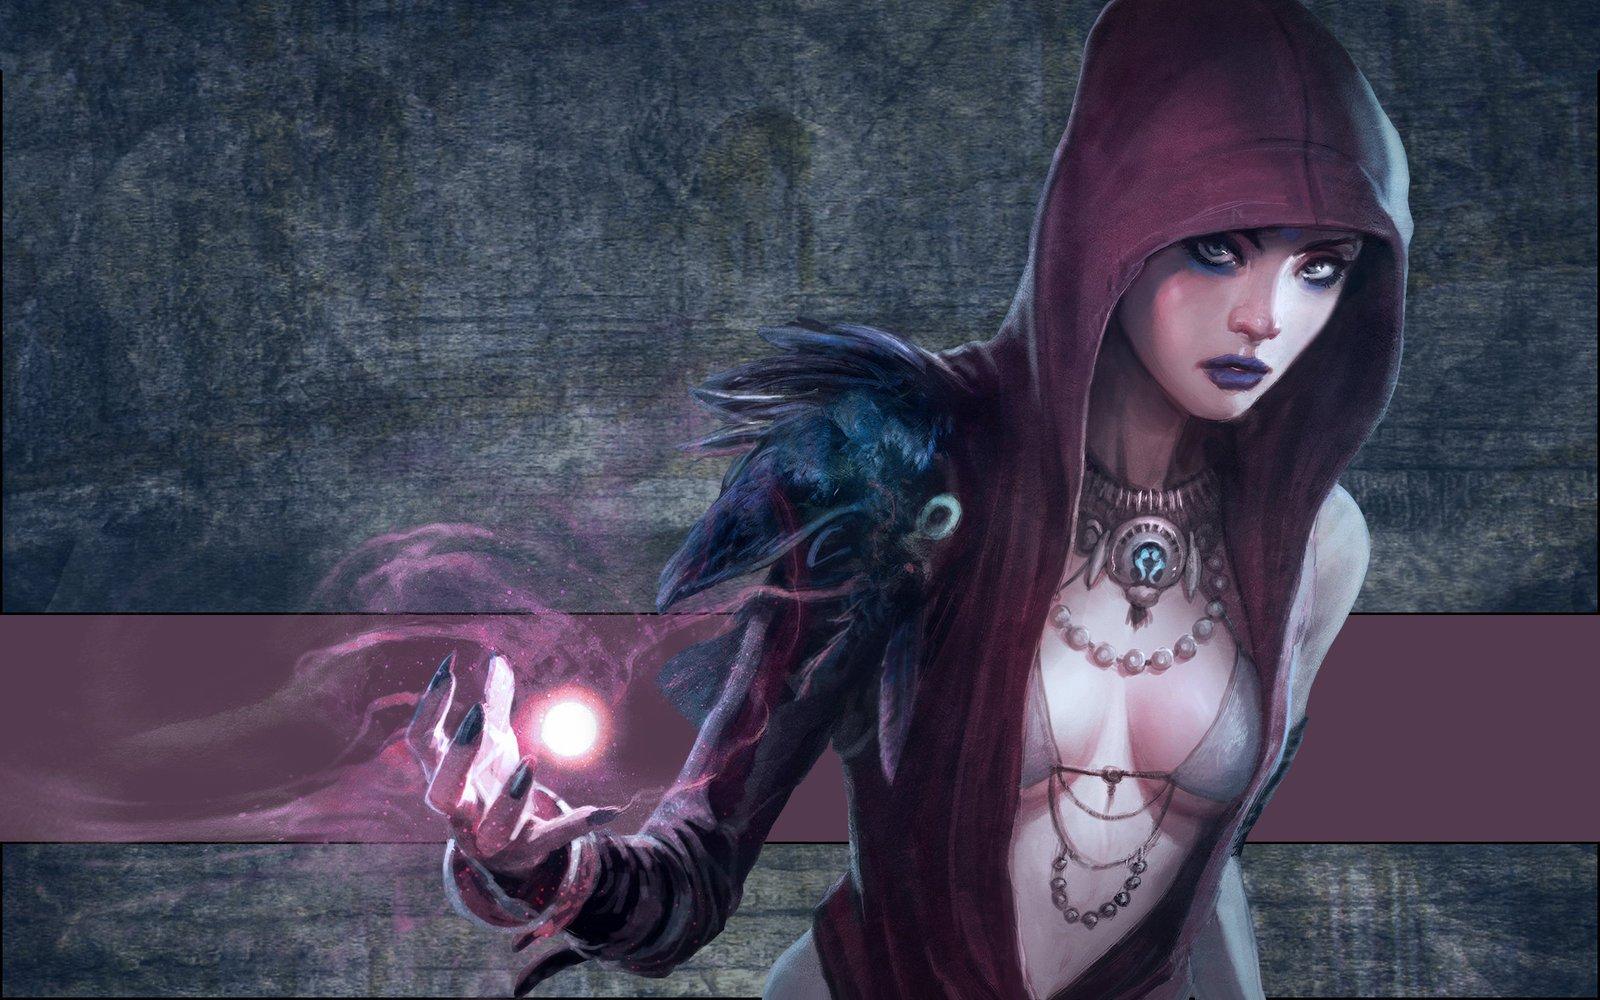 Авторы считают сексуальные сцены в Dragon Age: Inquisition зрелыми - Изображение 1